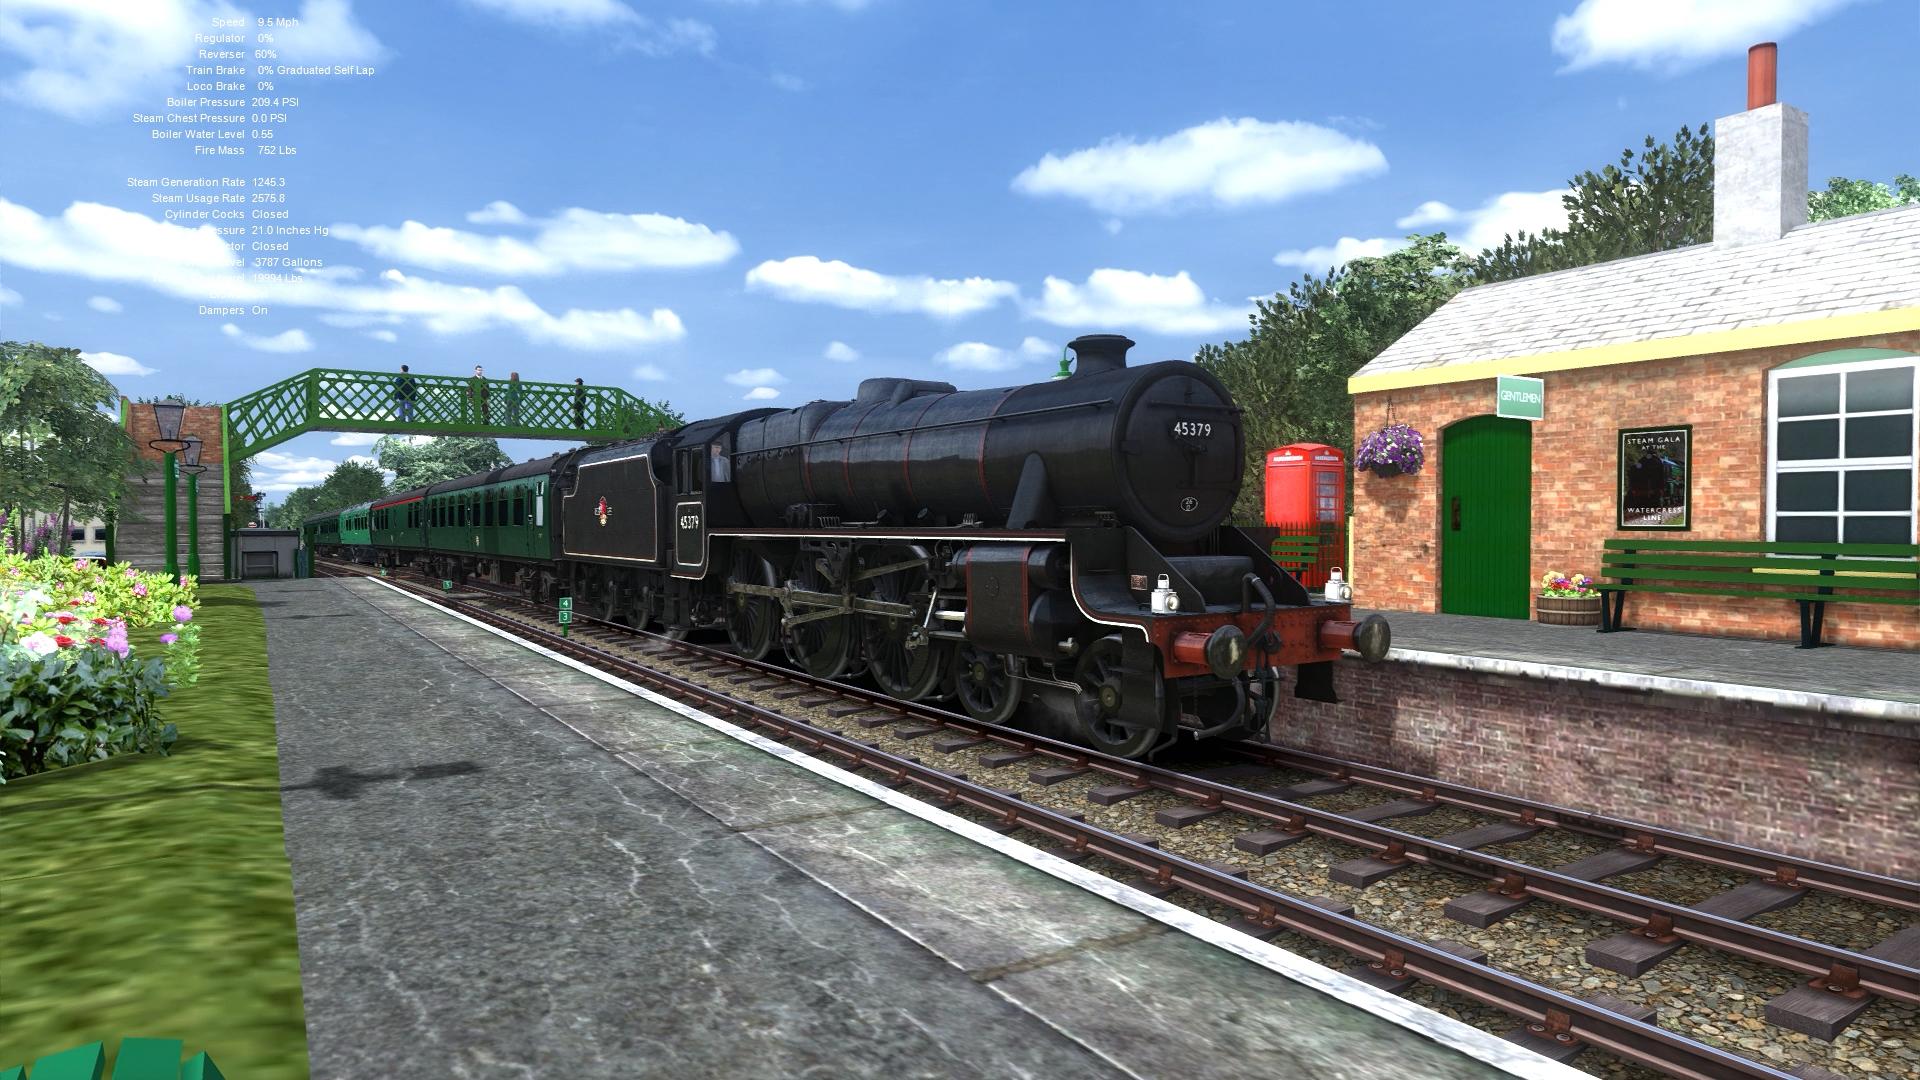 Train Simulator (x64) 2021-01-10 08-15-03.00_15_52_56.Still002.png